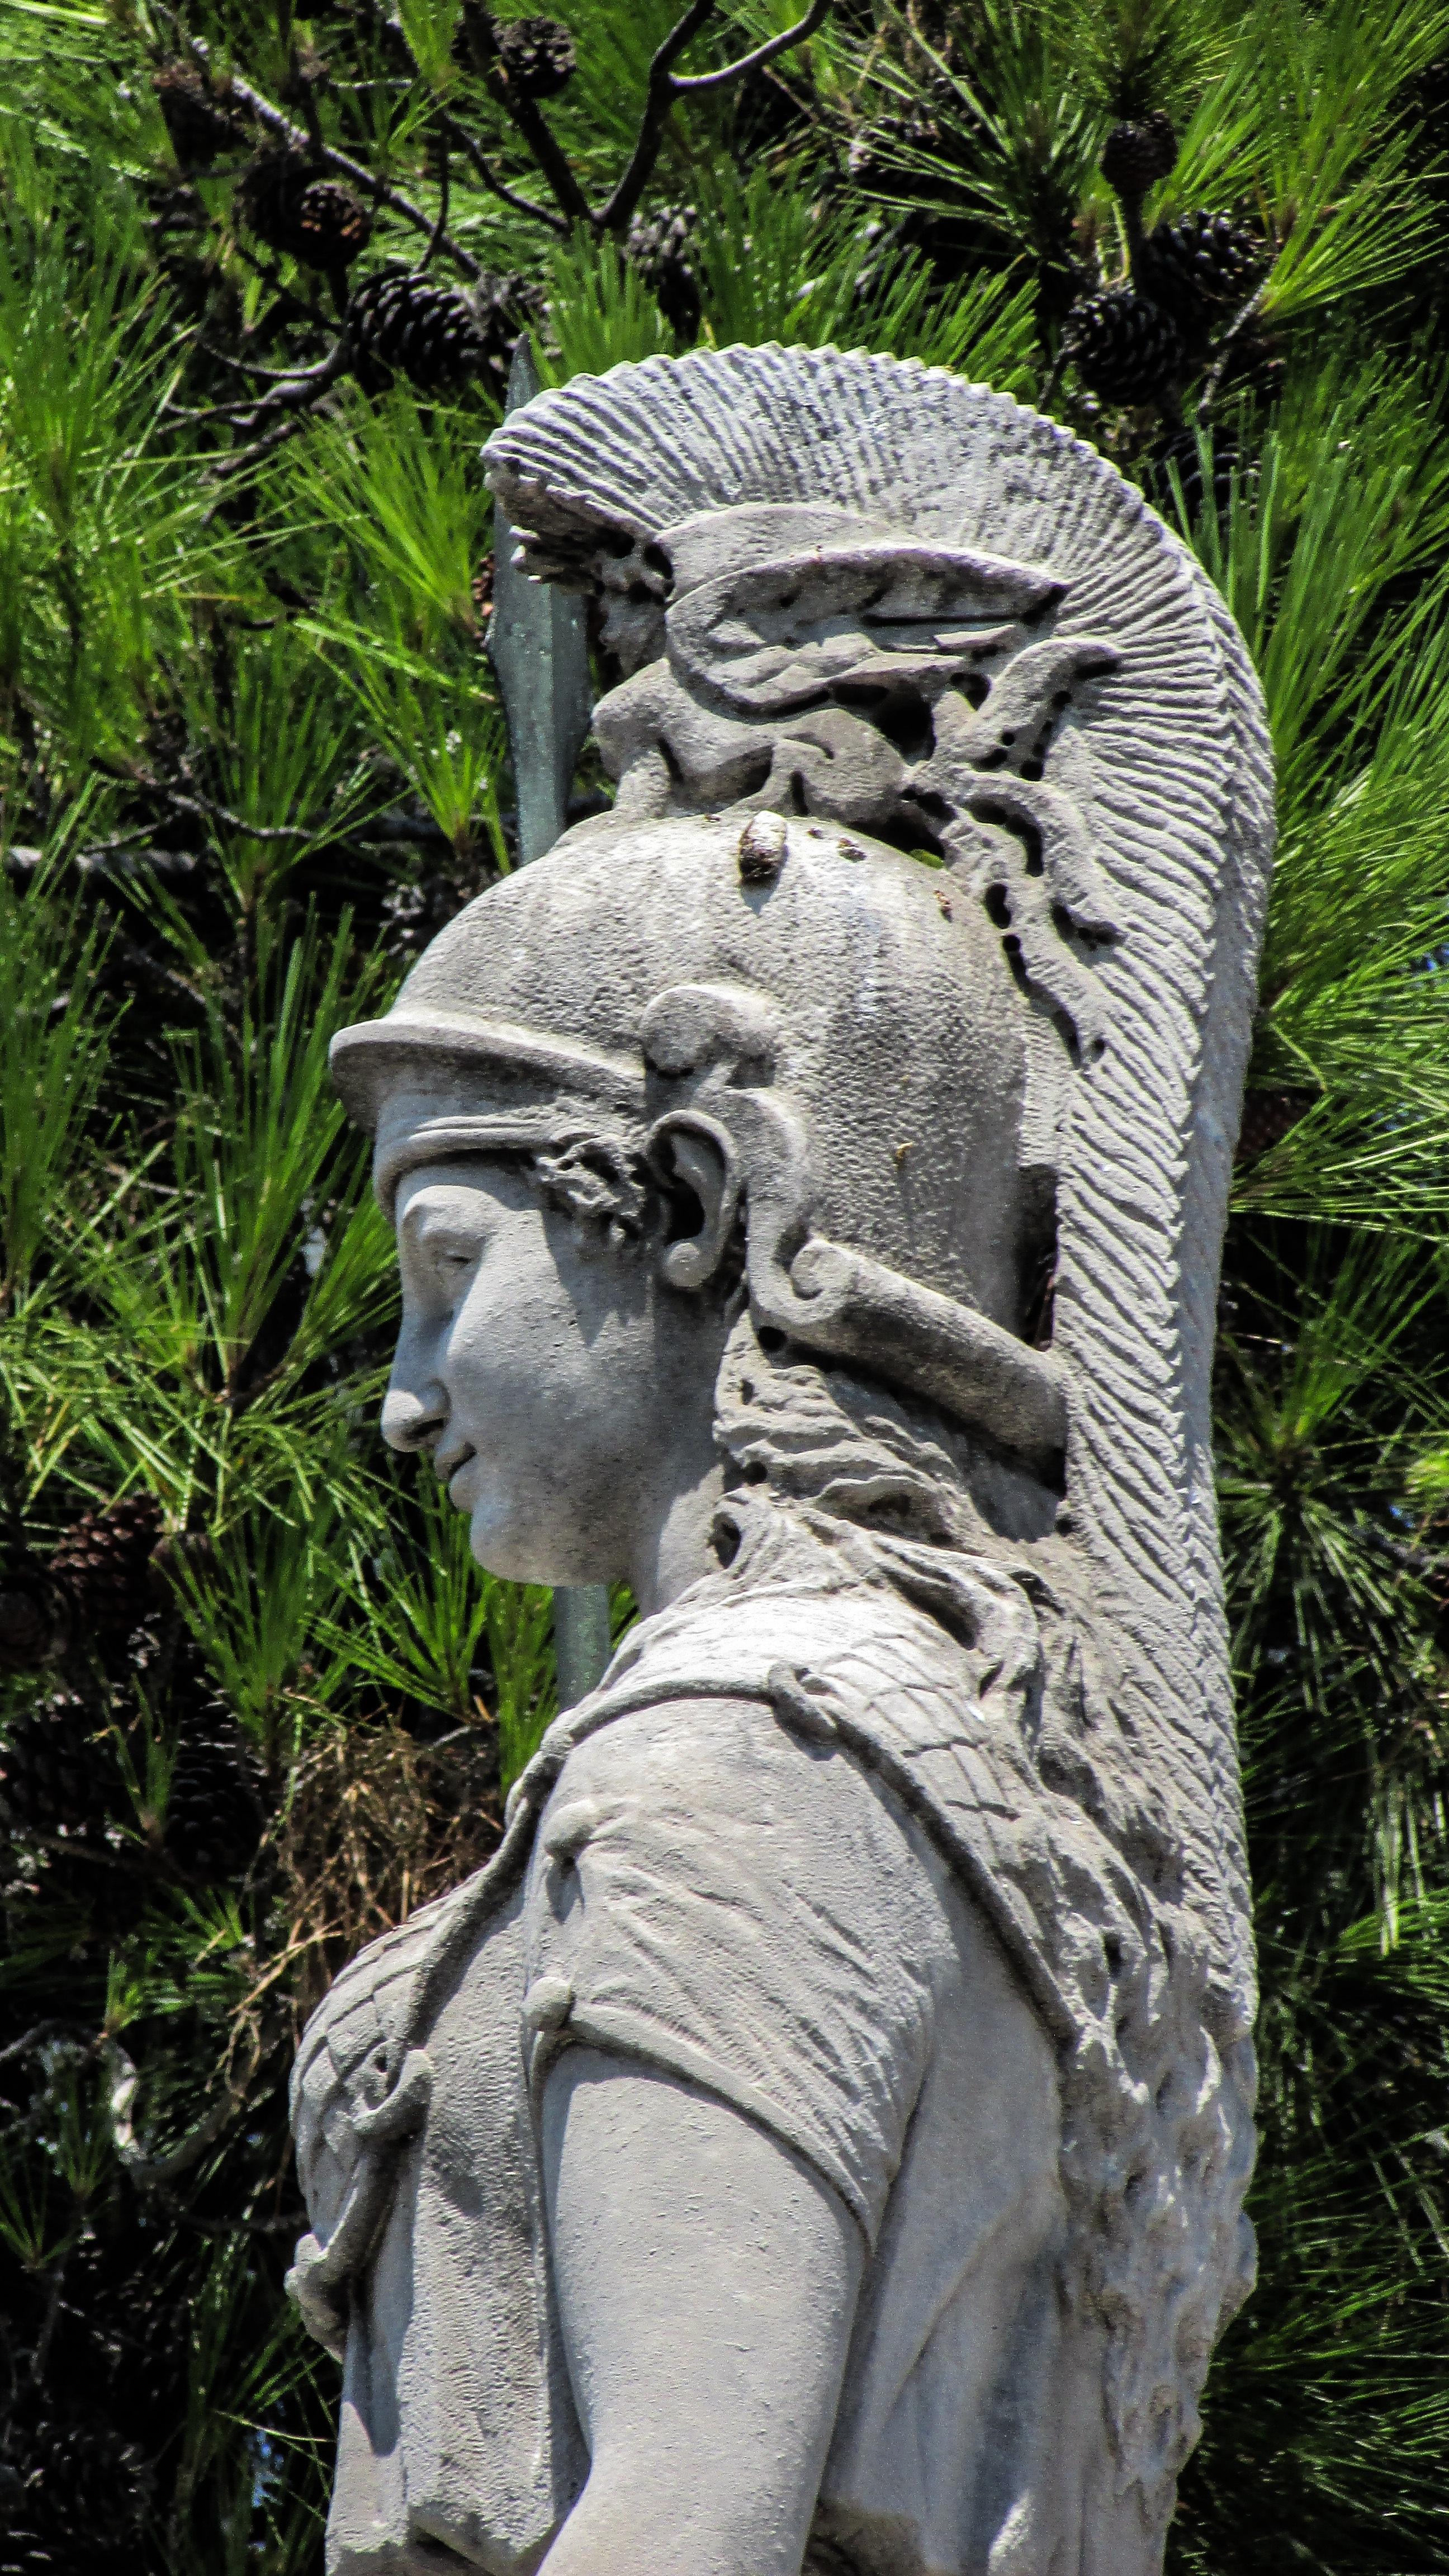 banco de imagens monumento estátua grego arte clássico templo